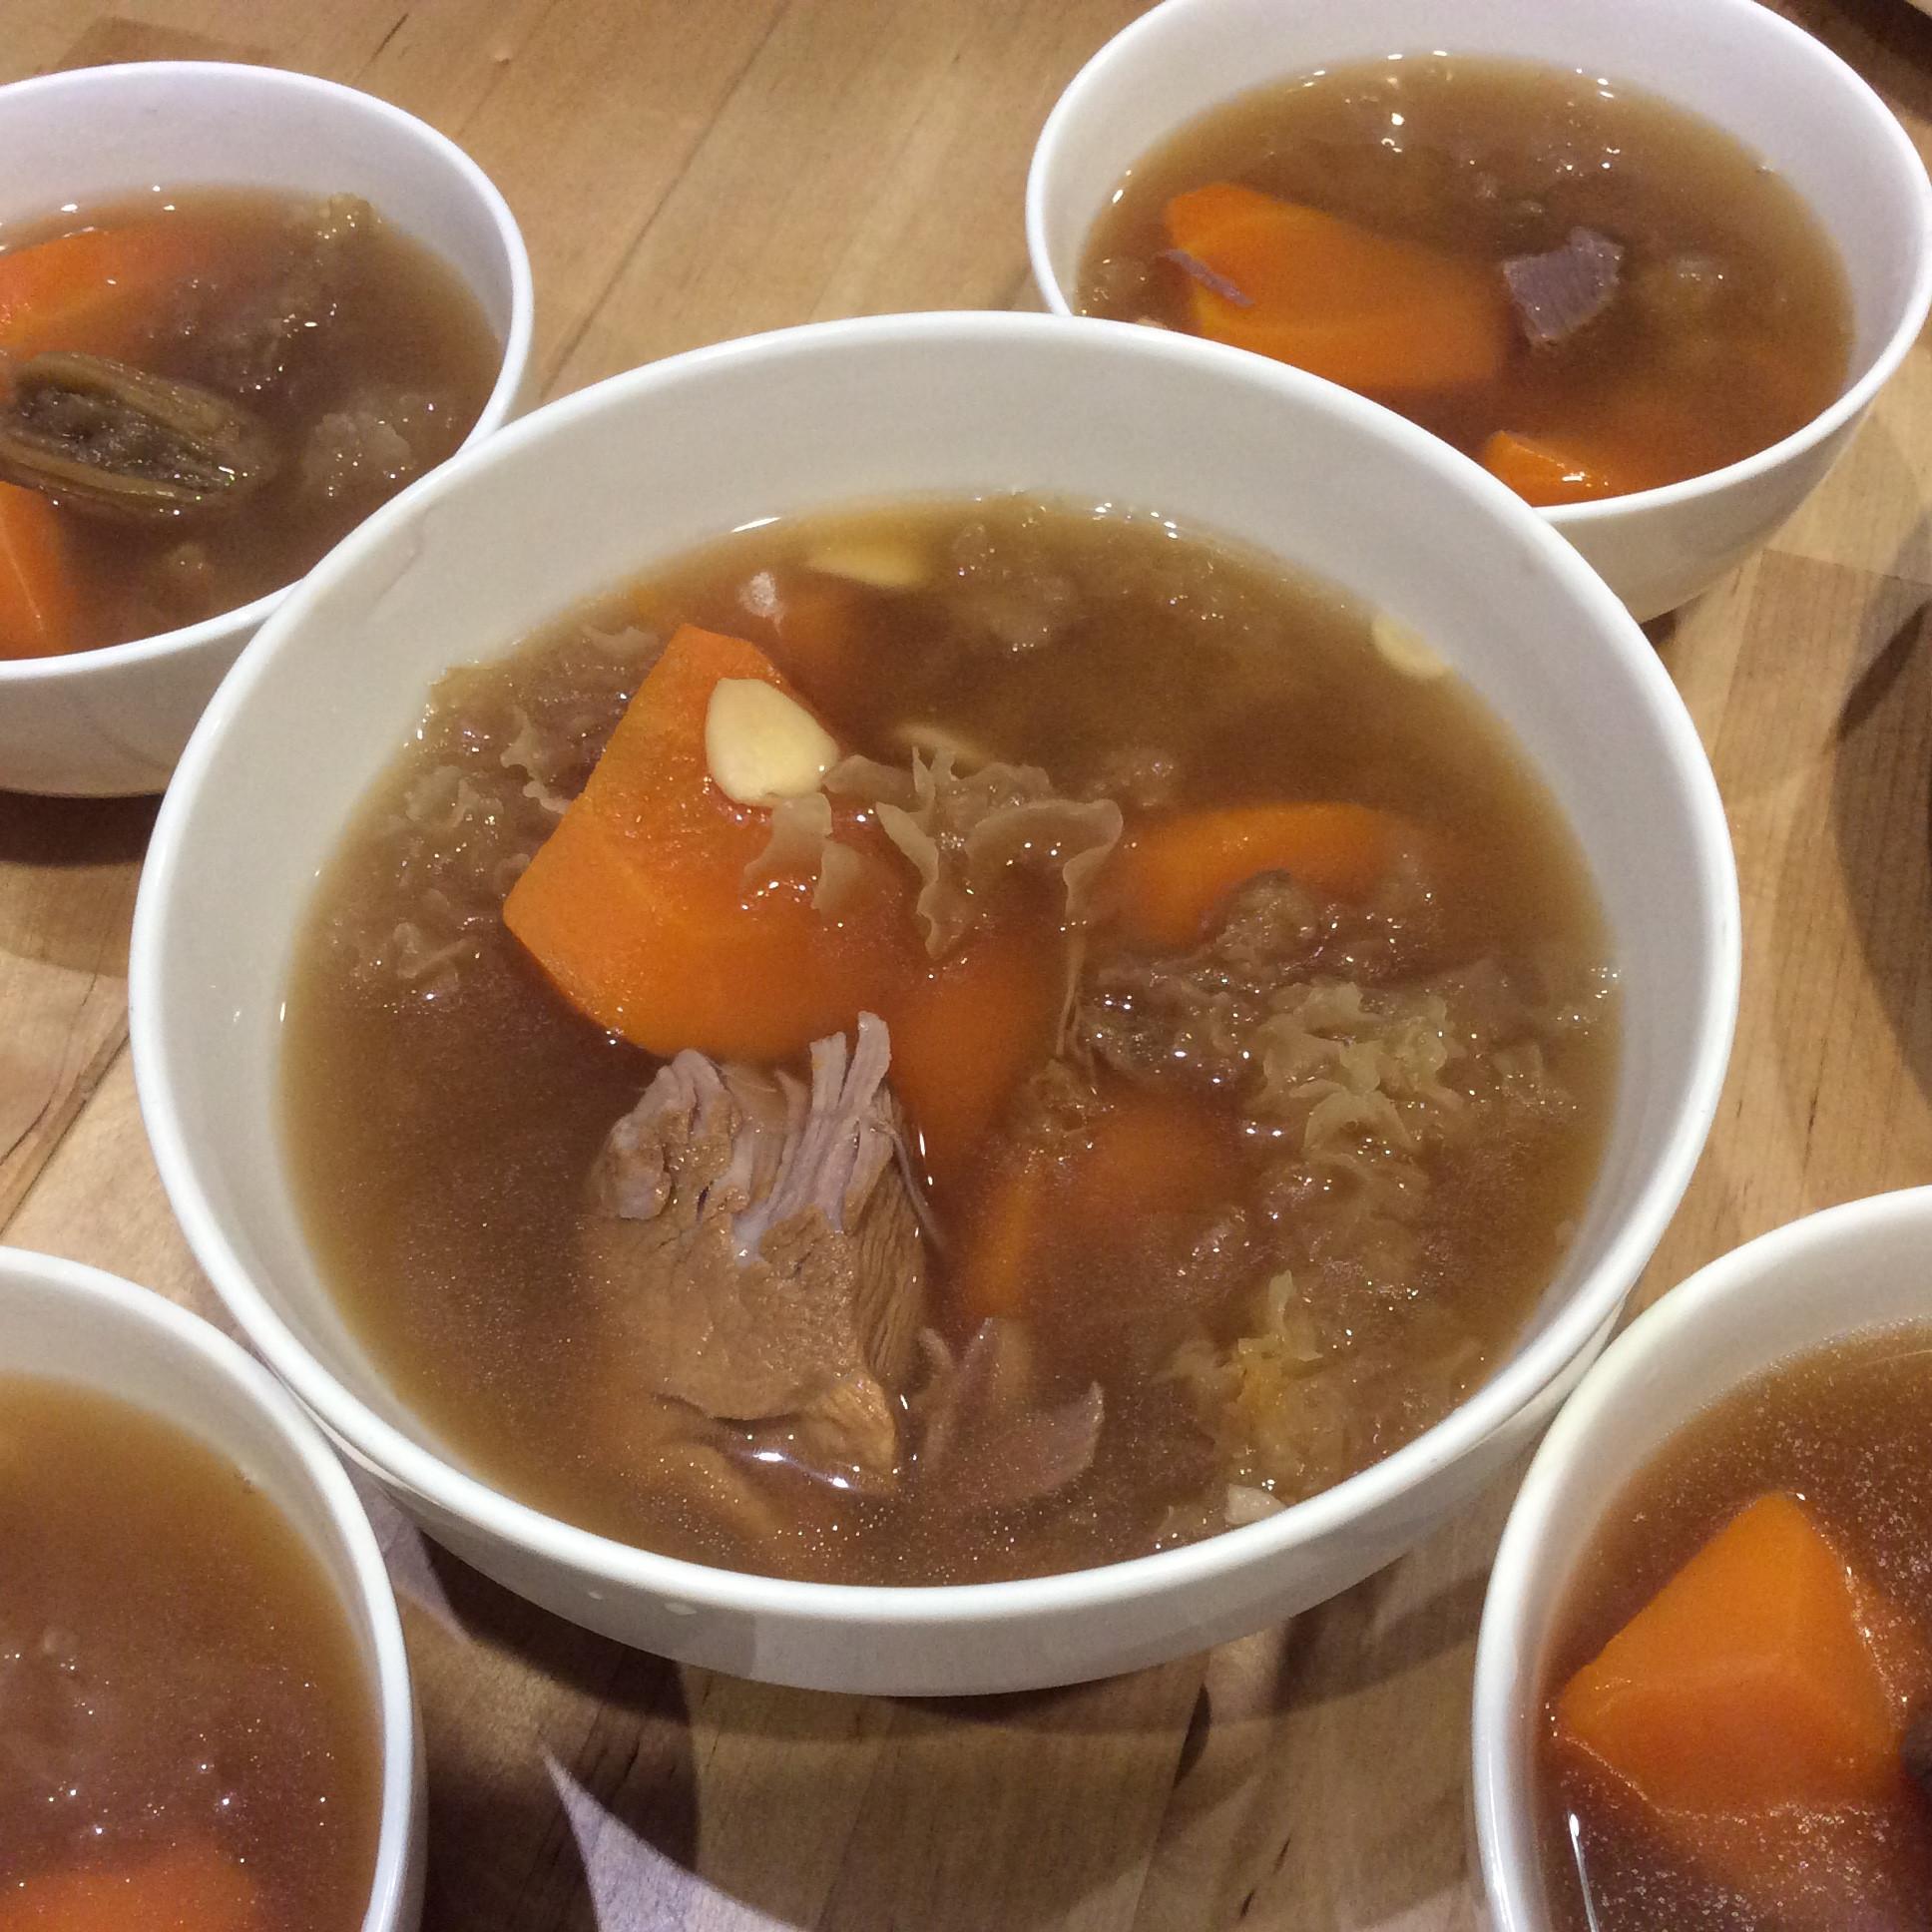 「港或老火湯」紅蘿蔔雪耳瘦肉湯